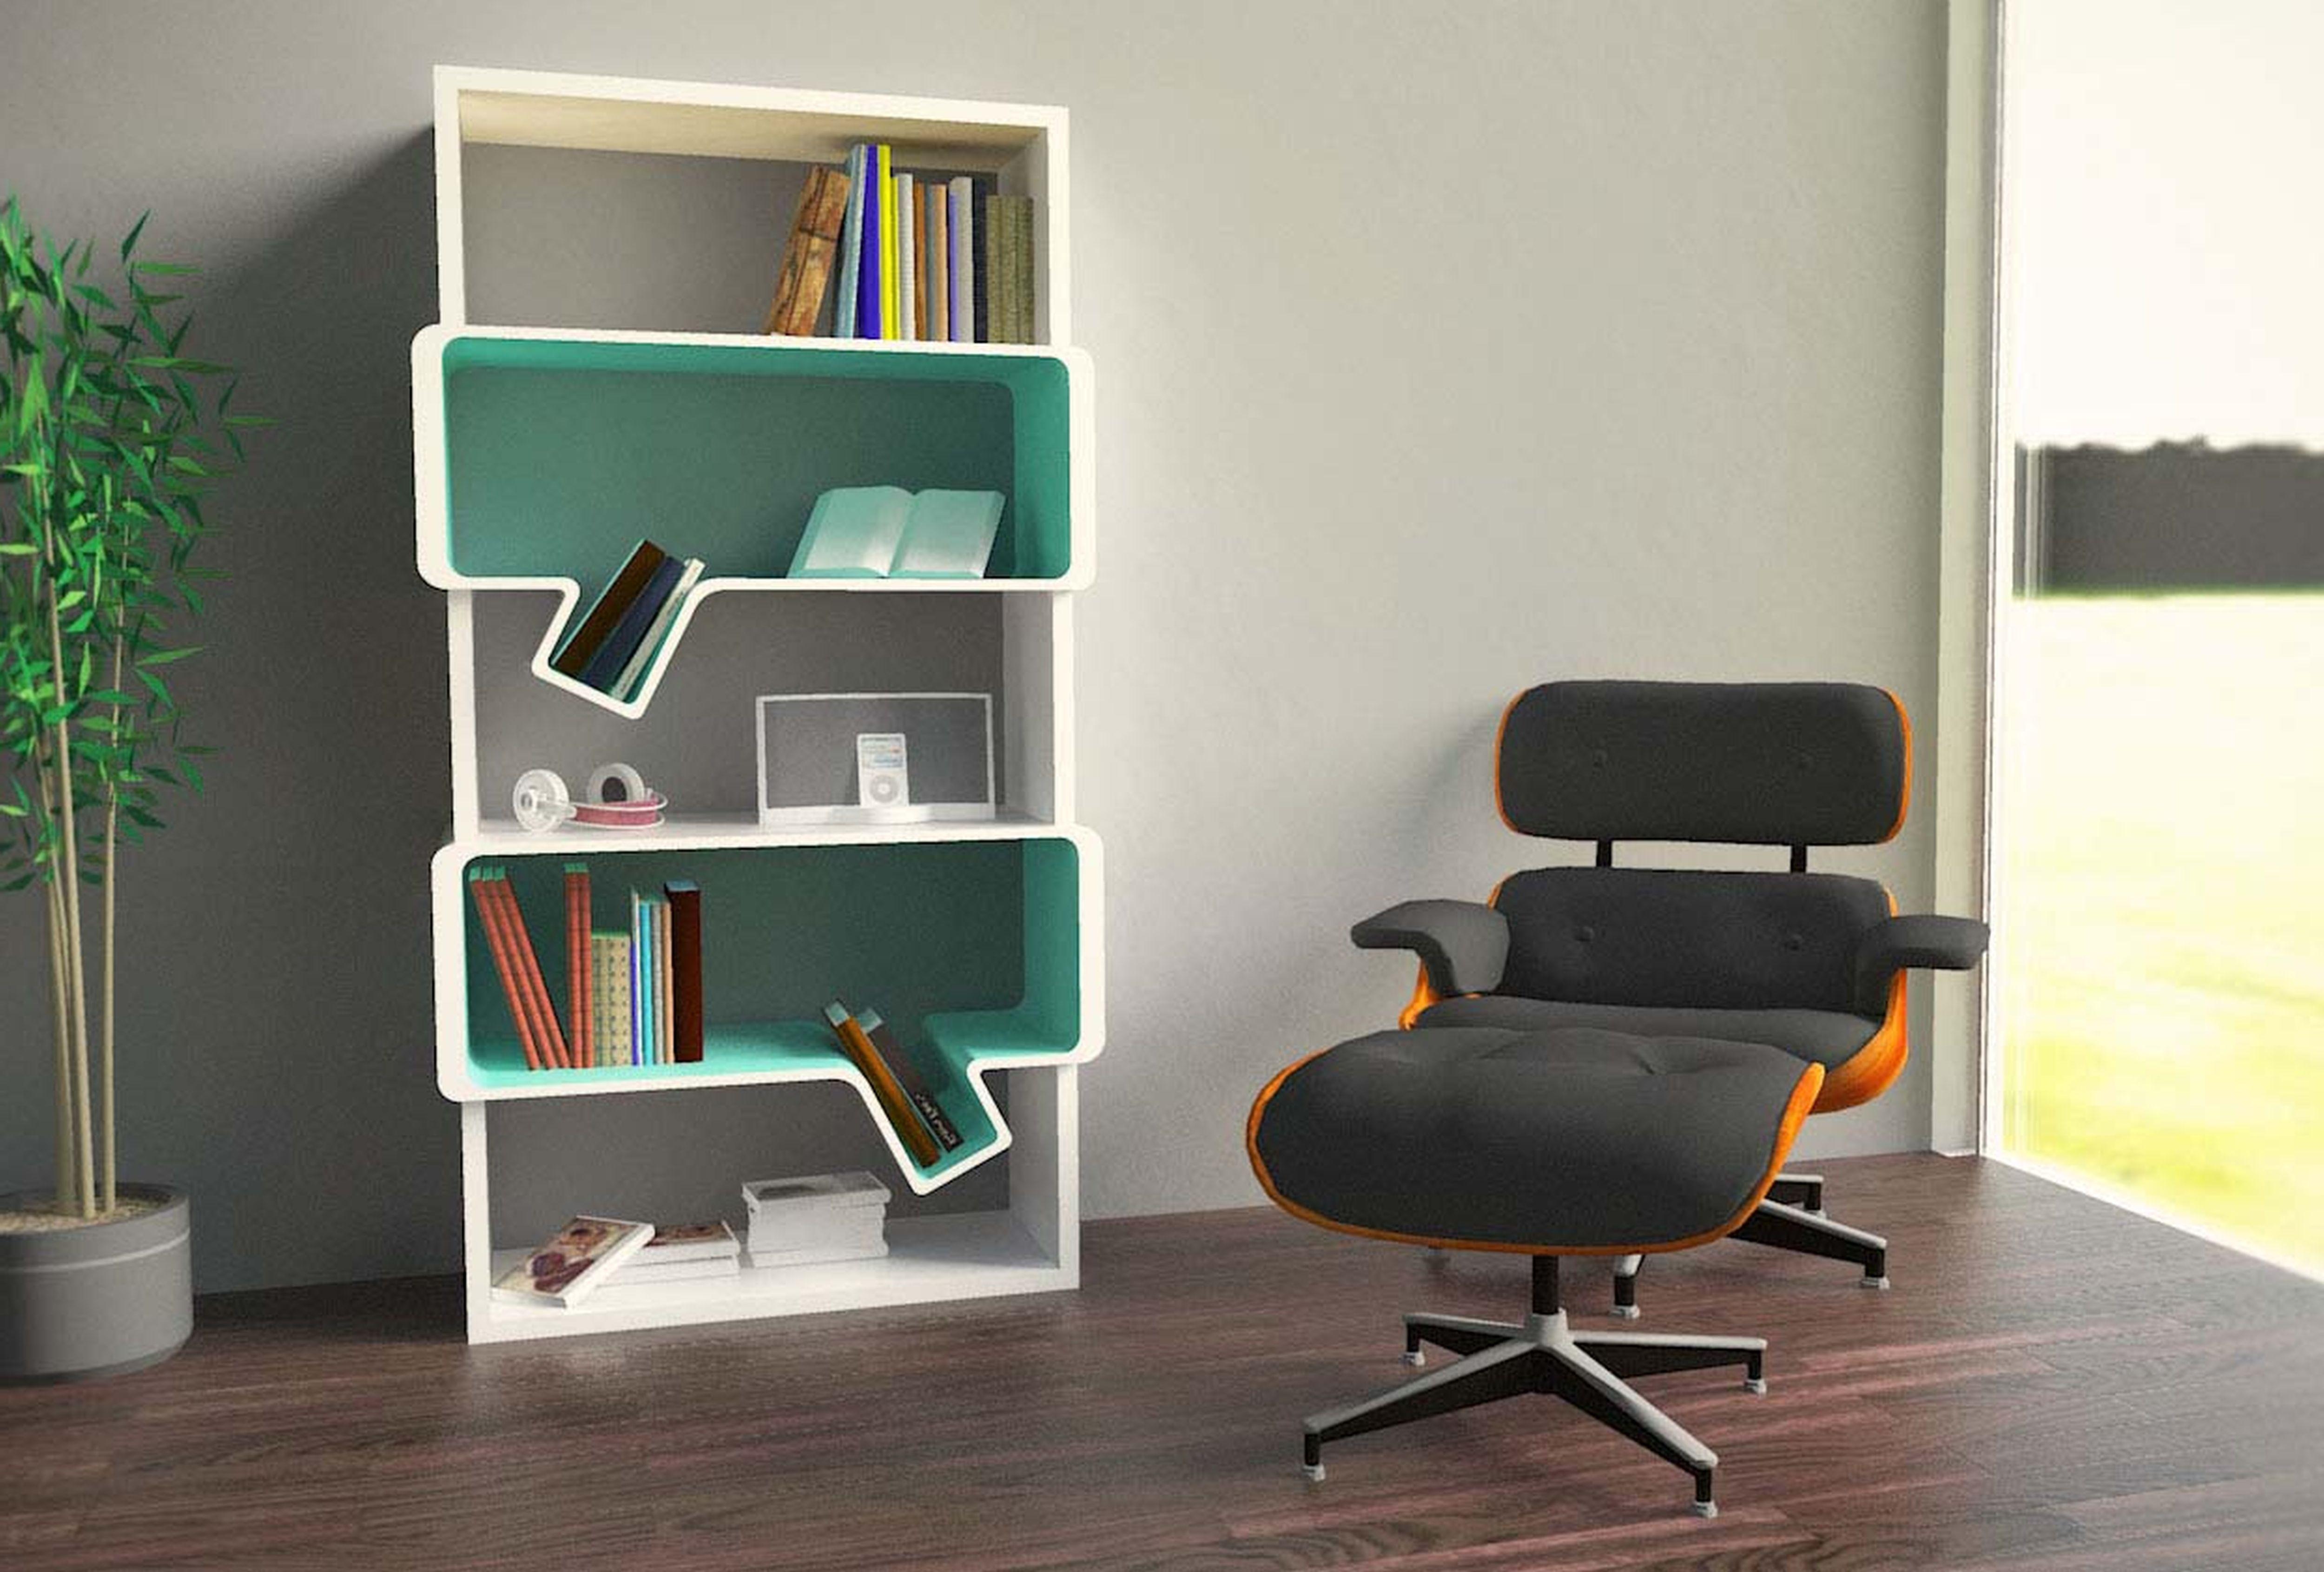 Bookshelf Design Ideasshoisecom Full Size Of Furniturebookshelves Within Bookshelves Designs For Home (#5 of 15)